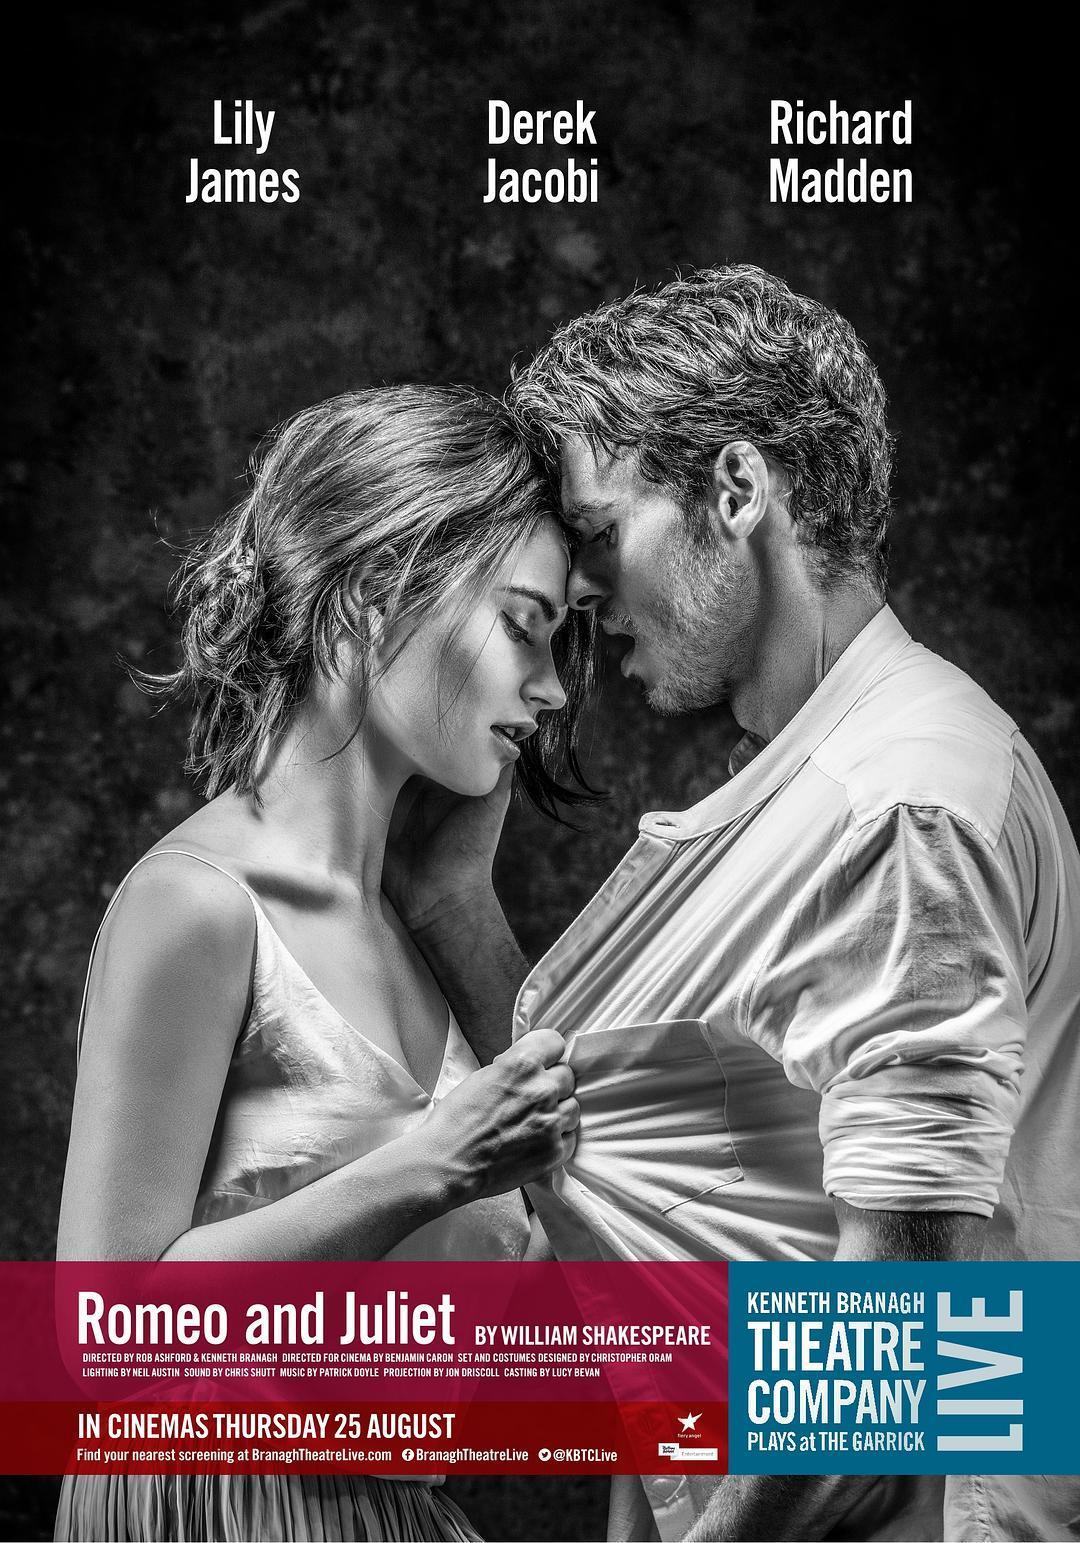 肯尼斯布拉纳剧院:罗密欧与朱丽叶